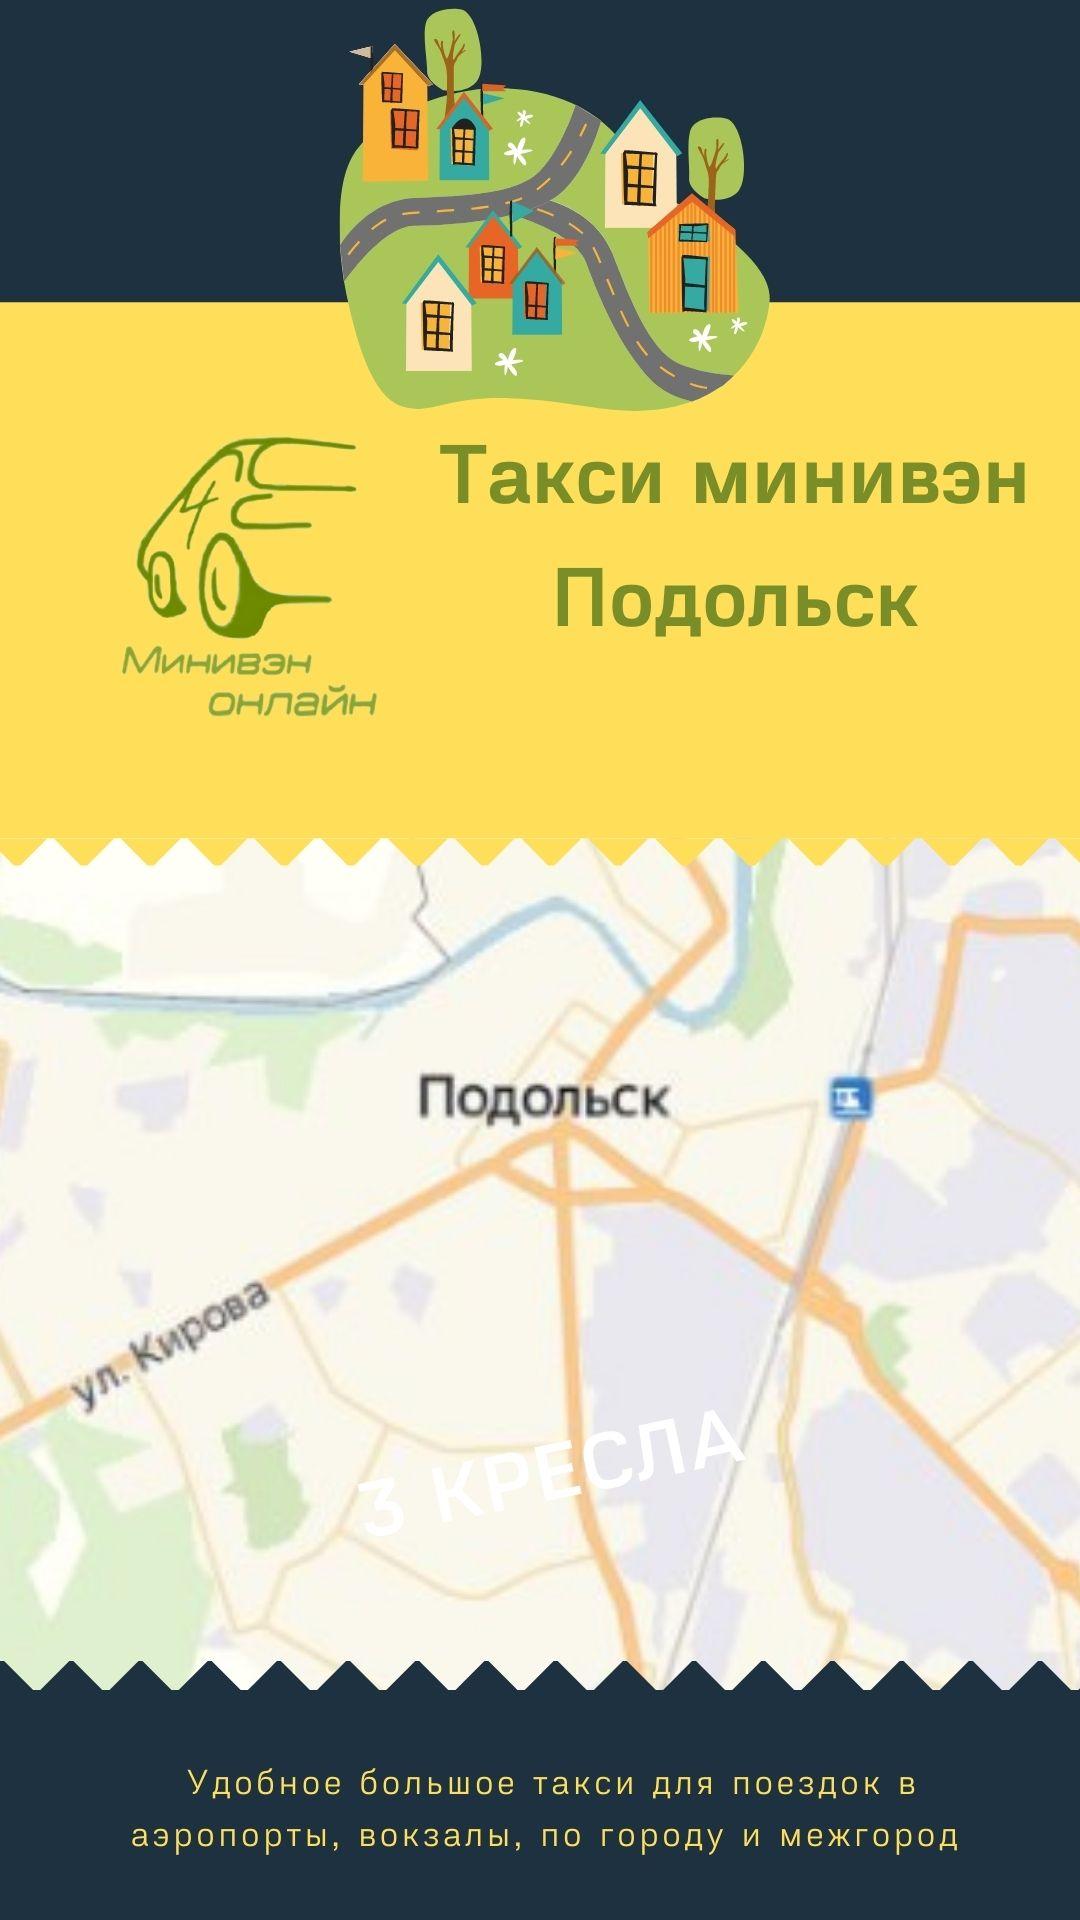 Такси минивэн в Подольске